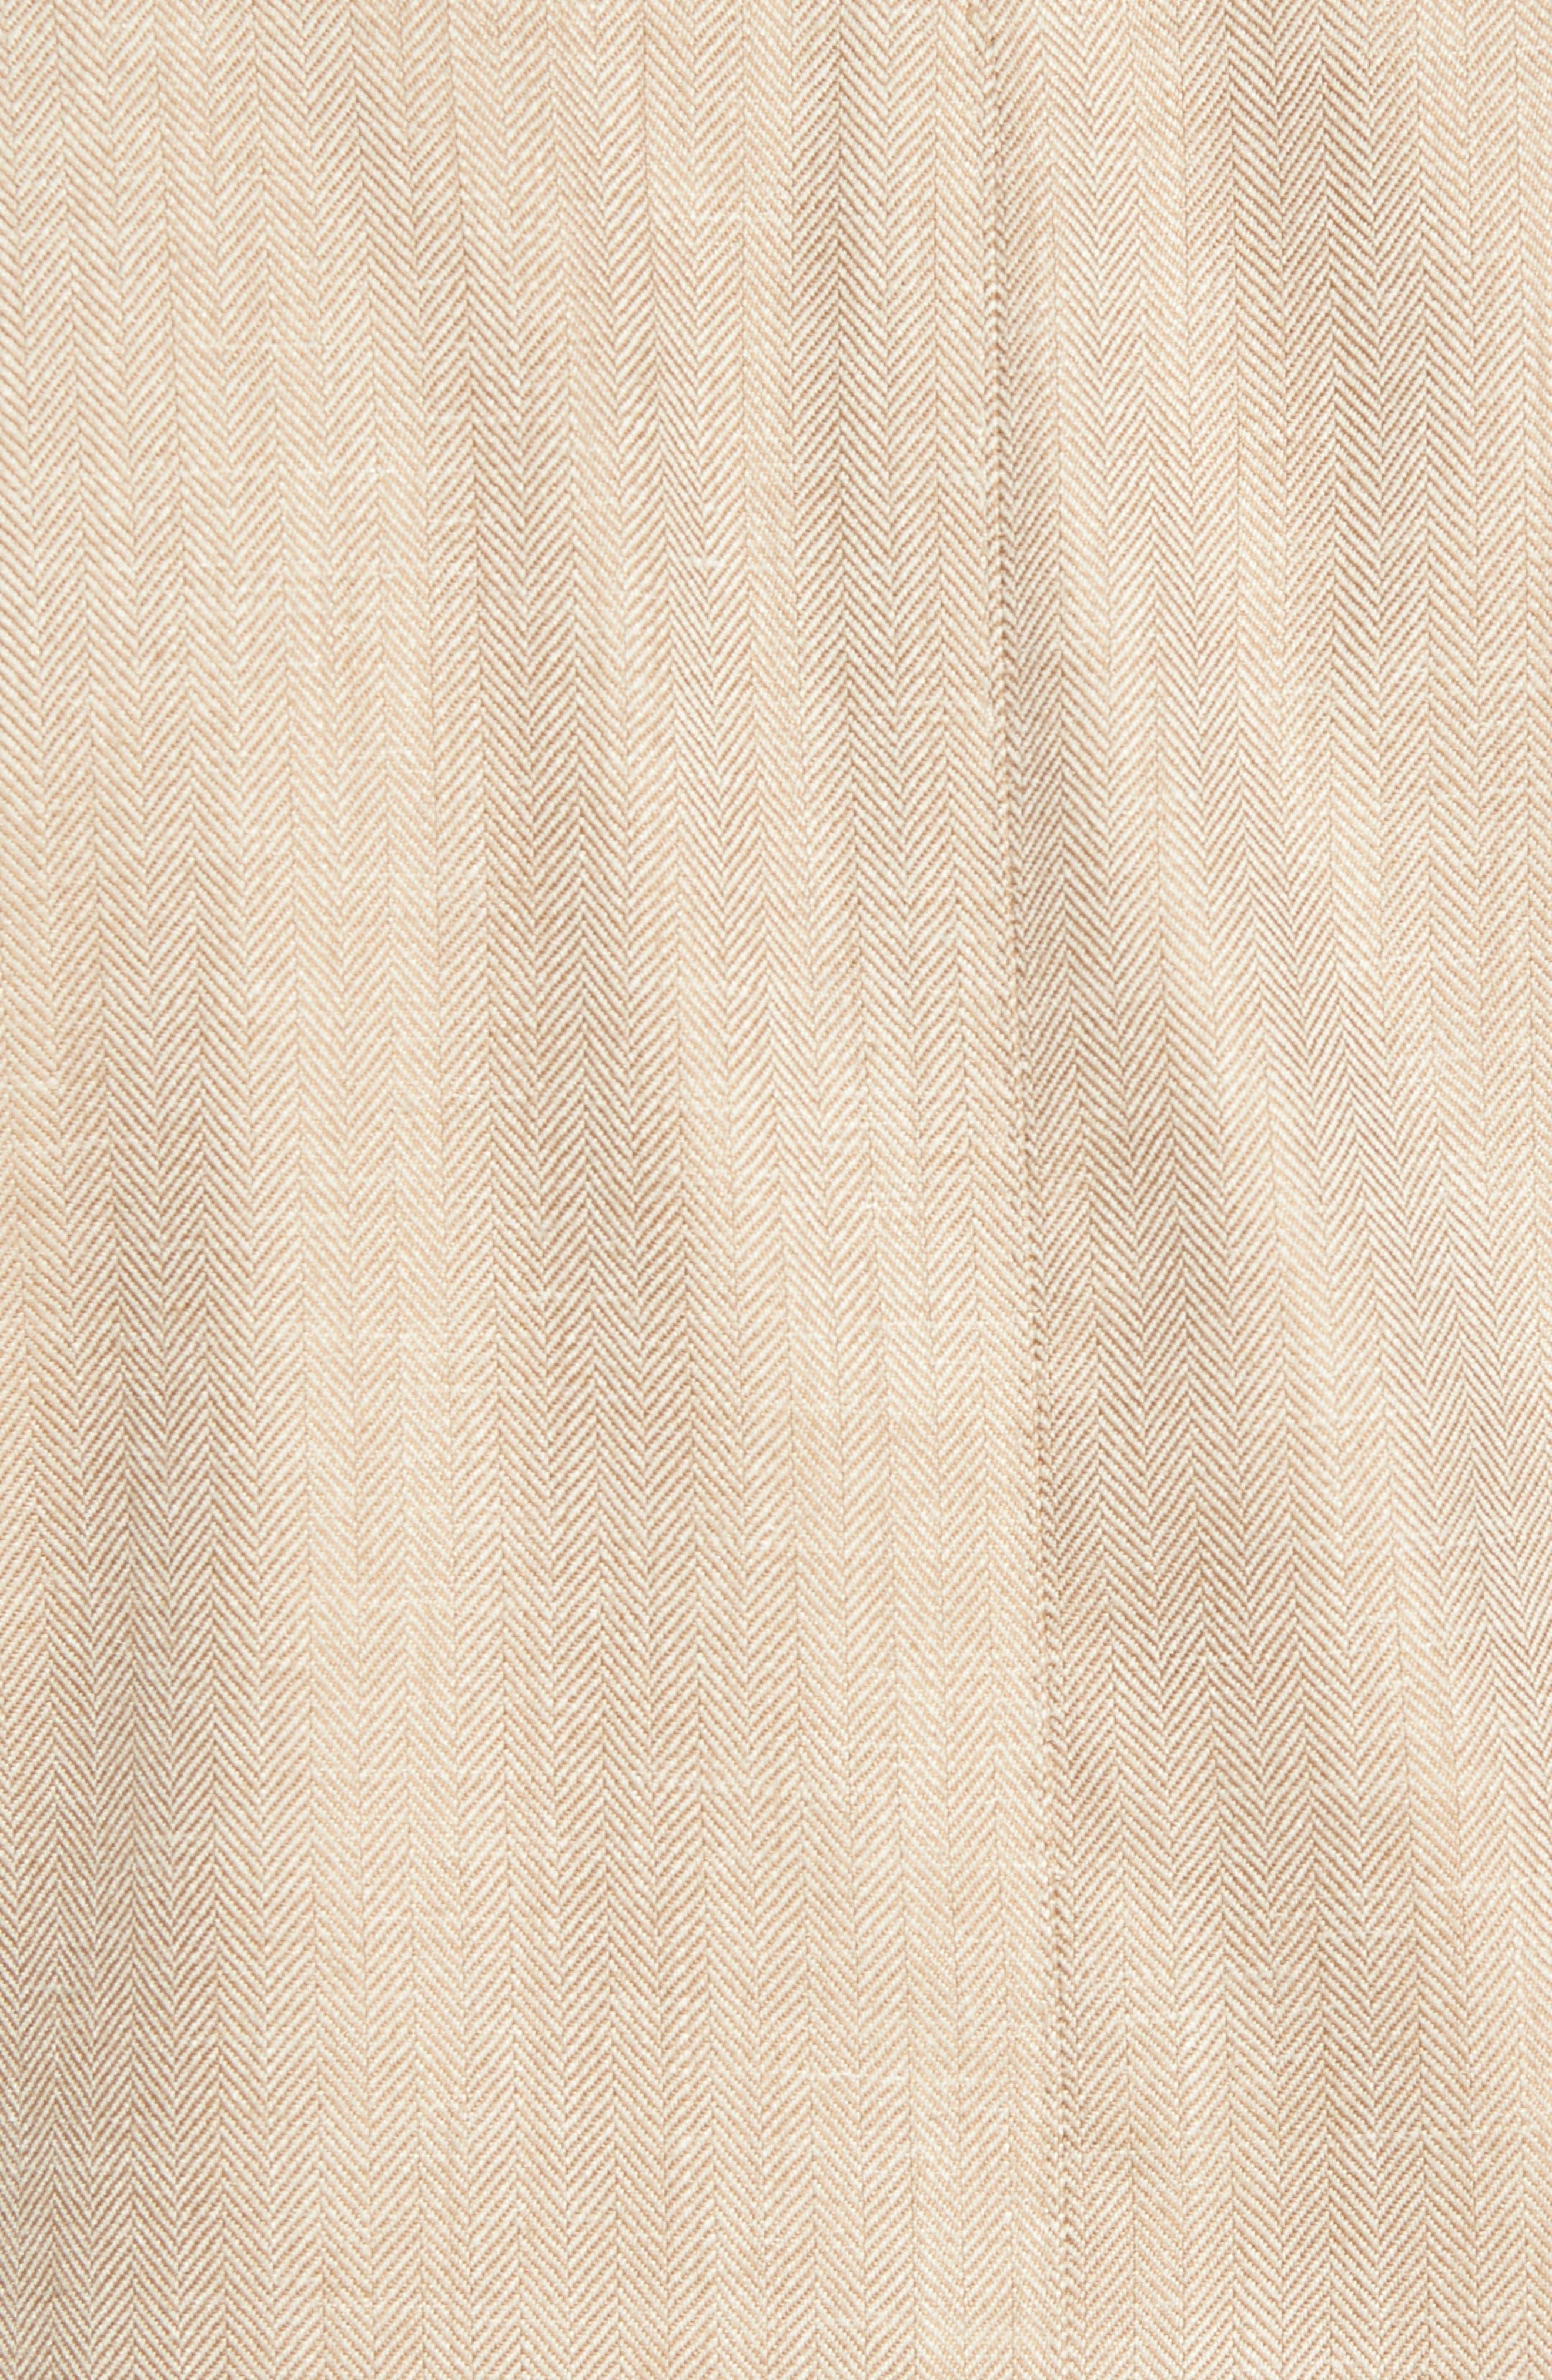 Crown Herringbone Wool & Silk Blend Jacket,                             Alternate thumbnail 5, color,                             Stone